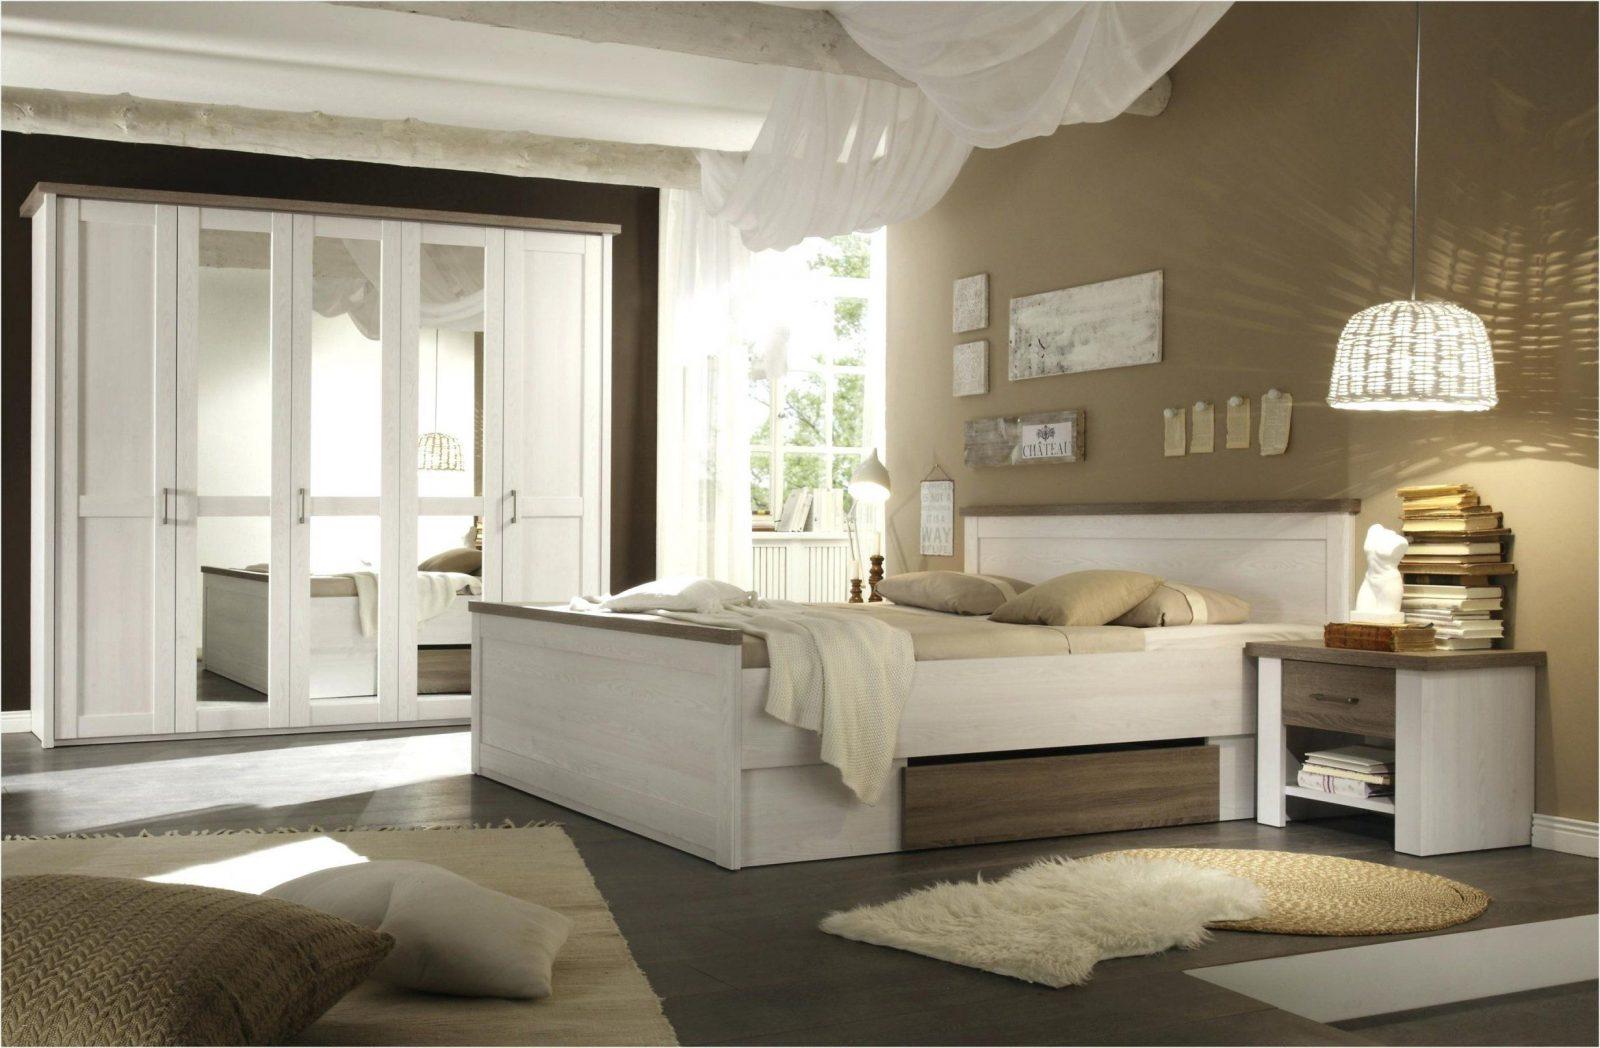 8 Qm Küche Einrichten Arbeitszimmer Schlafzimmer Einrichten